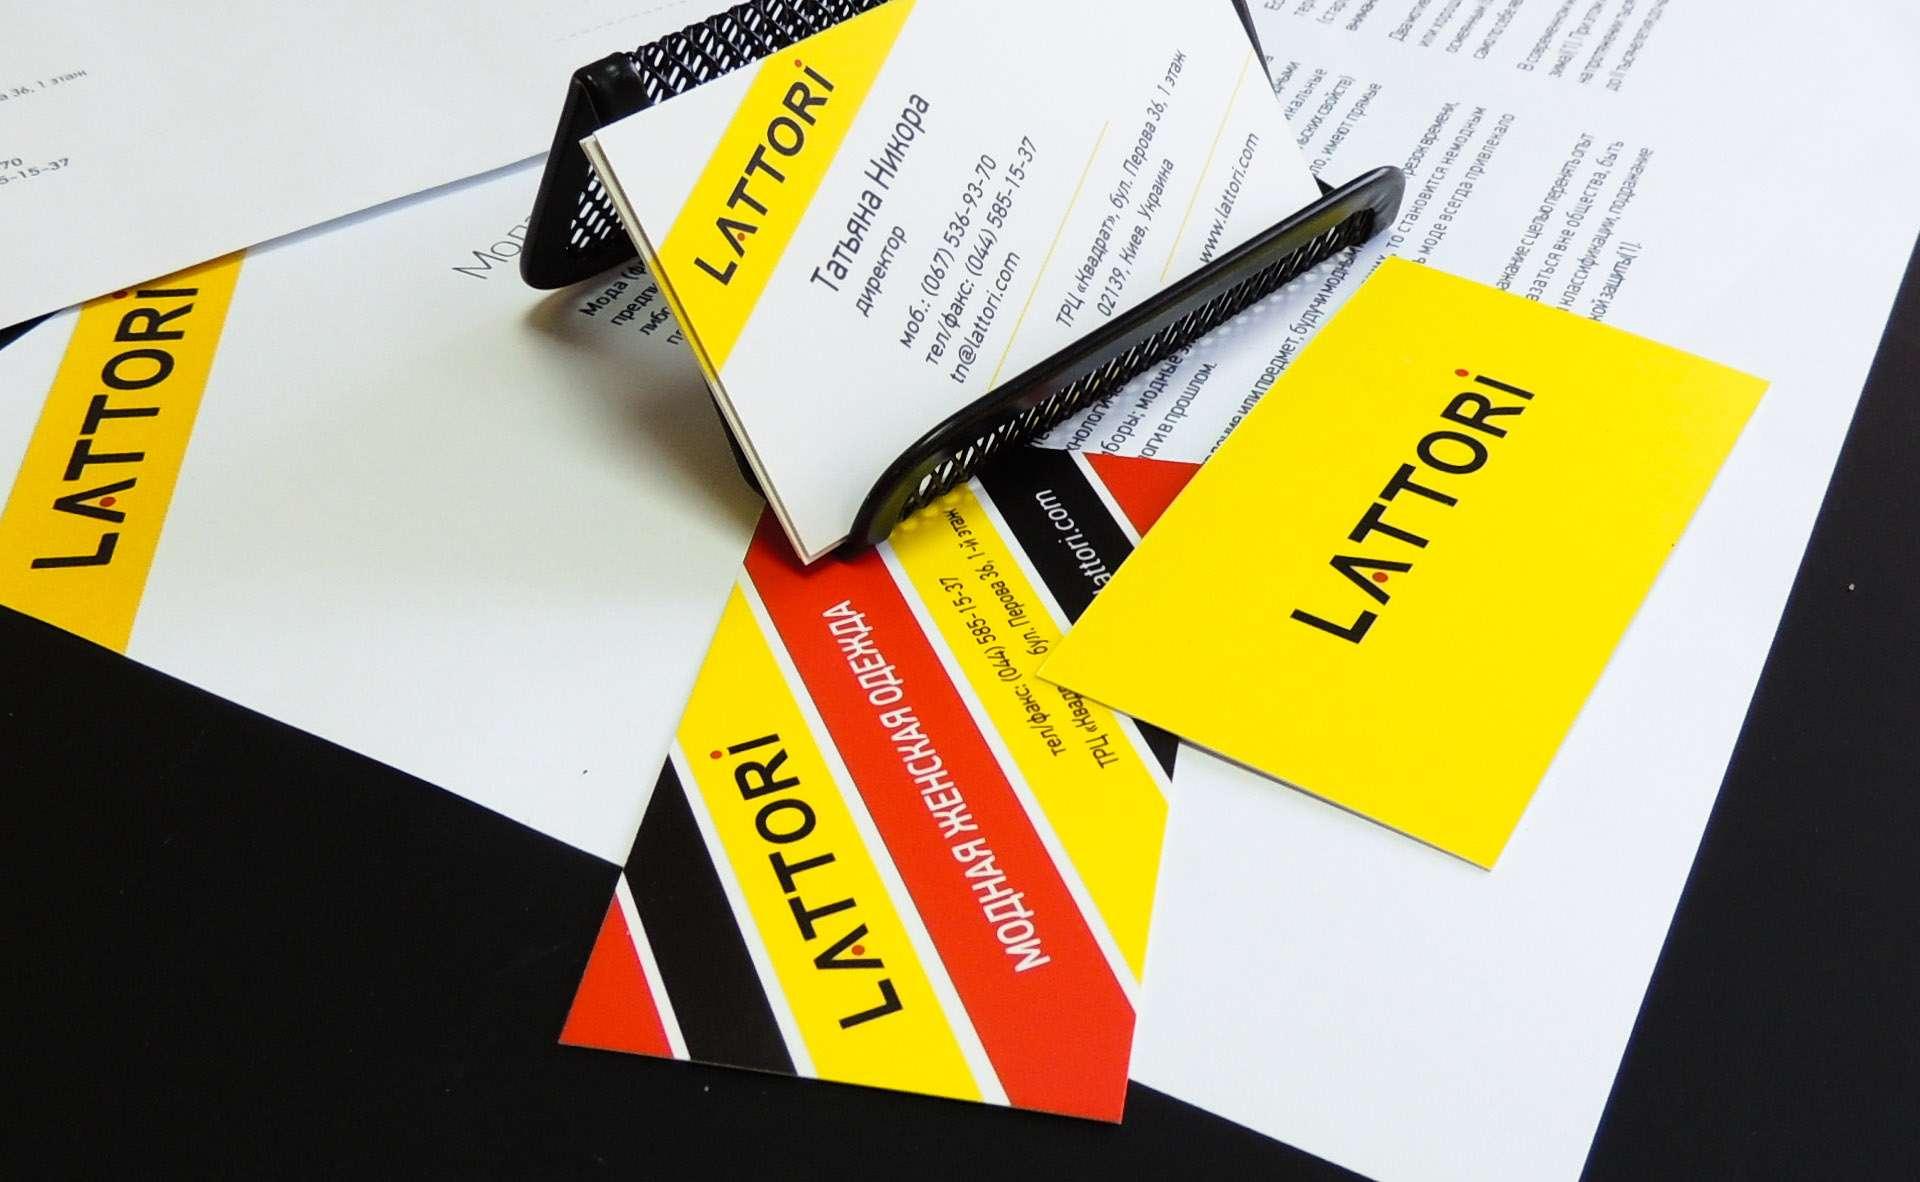 Изготовление логотипа, логотип fashion, логотип мода, создание логотипа компании